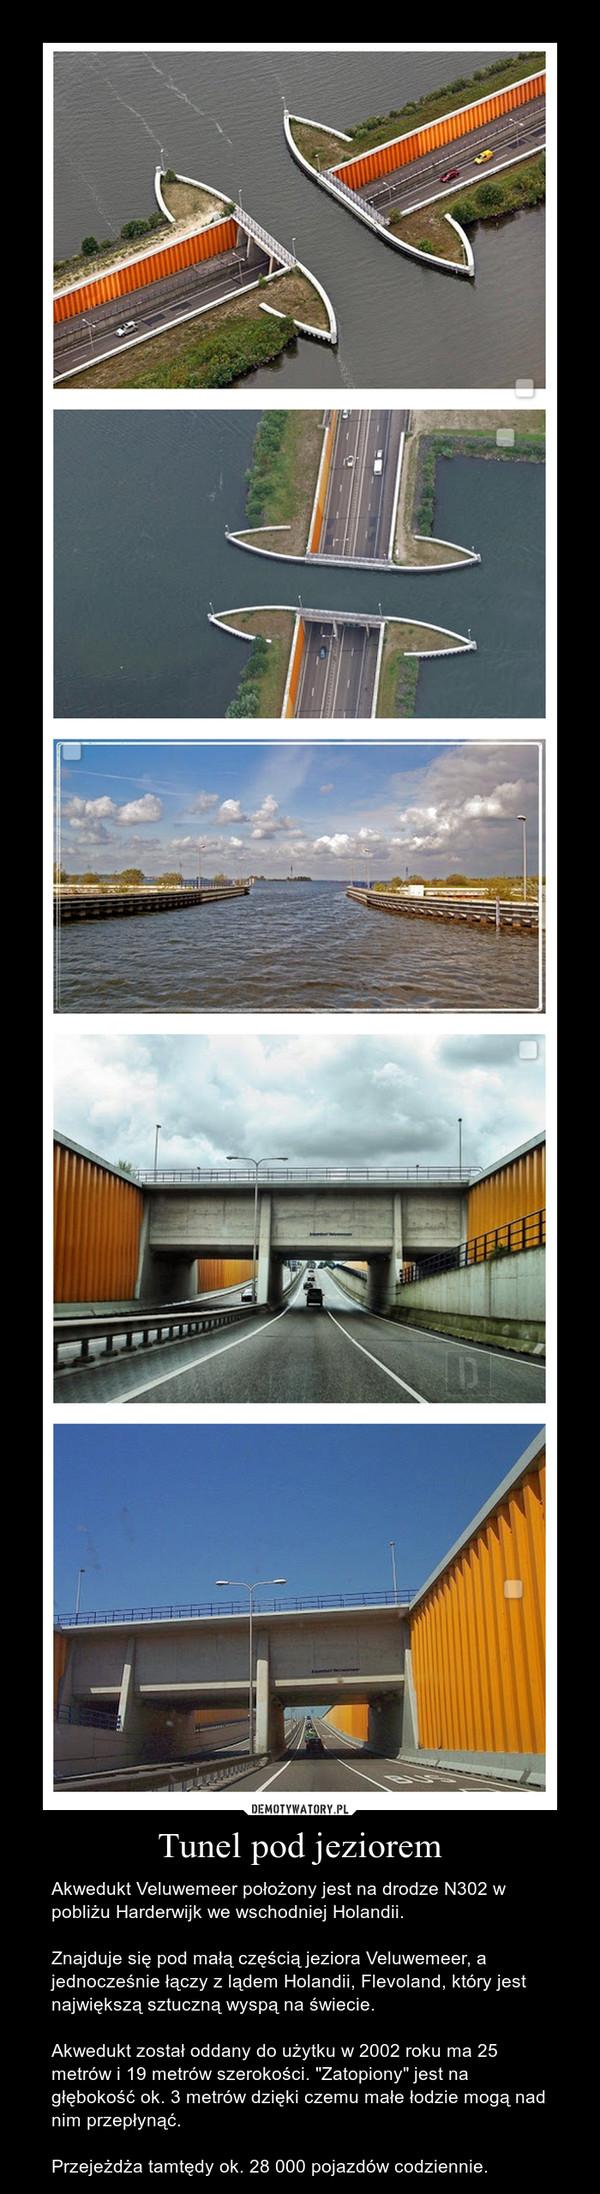 """Tunel pod jeziorem – Akwedukt Veluwemeer położony jest na drodze N302 w pobliżu Harderwijk we wschodniej Holandii.Znajduje się pod małą częścią jeziora Veluwemeer, a jednocześnie łączy z lądem Holandii, Flevoland, który jest największą sztuczną wyspą na świecie.Akwedukt został oddany do użytku w 2002 roku ma 25 metrów i 19 metrów szerokości. """"Zatopiony"""" jest na głębokość ok. 3 metrów dzięki czemu małe łodzie mogą nad nim przepłynąć.Przejeżdża tamtędy ok. 28 000 pojazdów codziennie."""